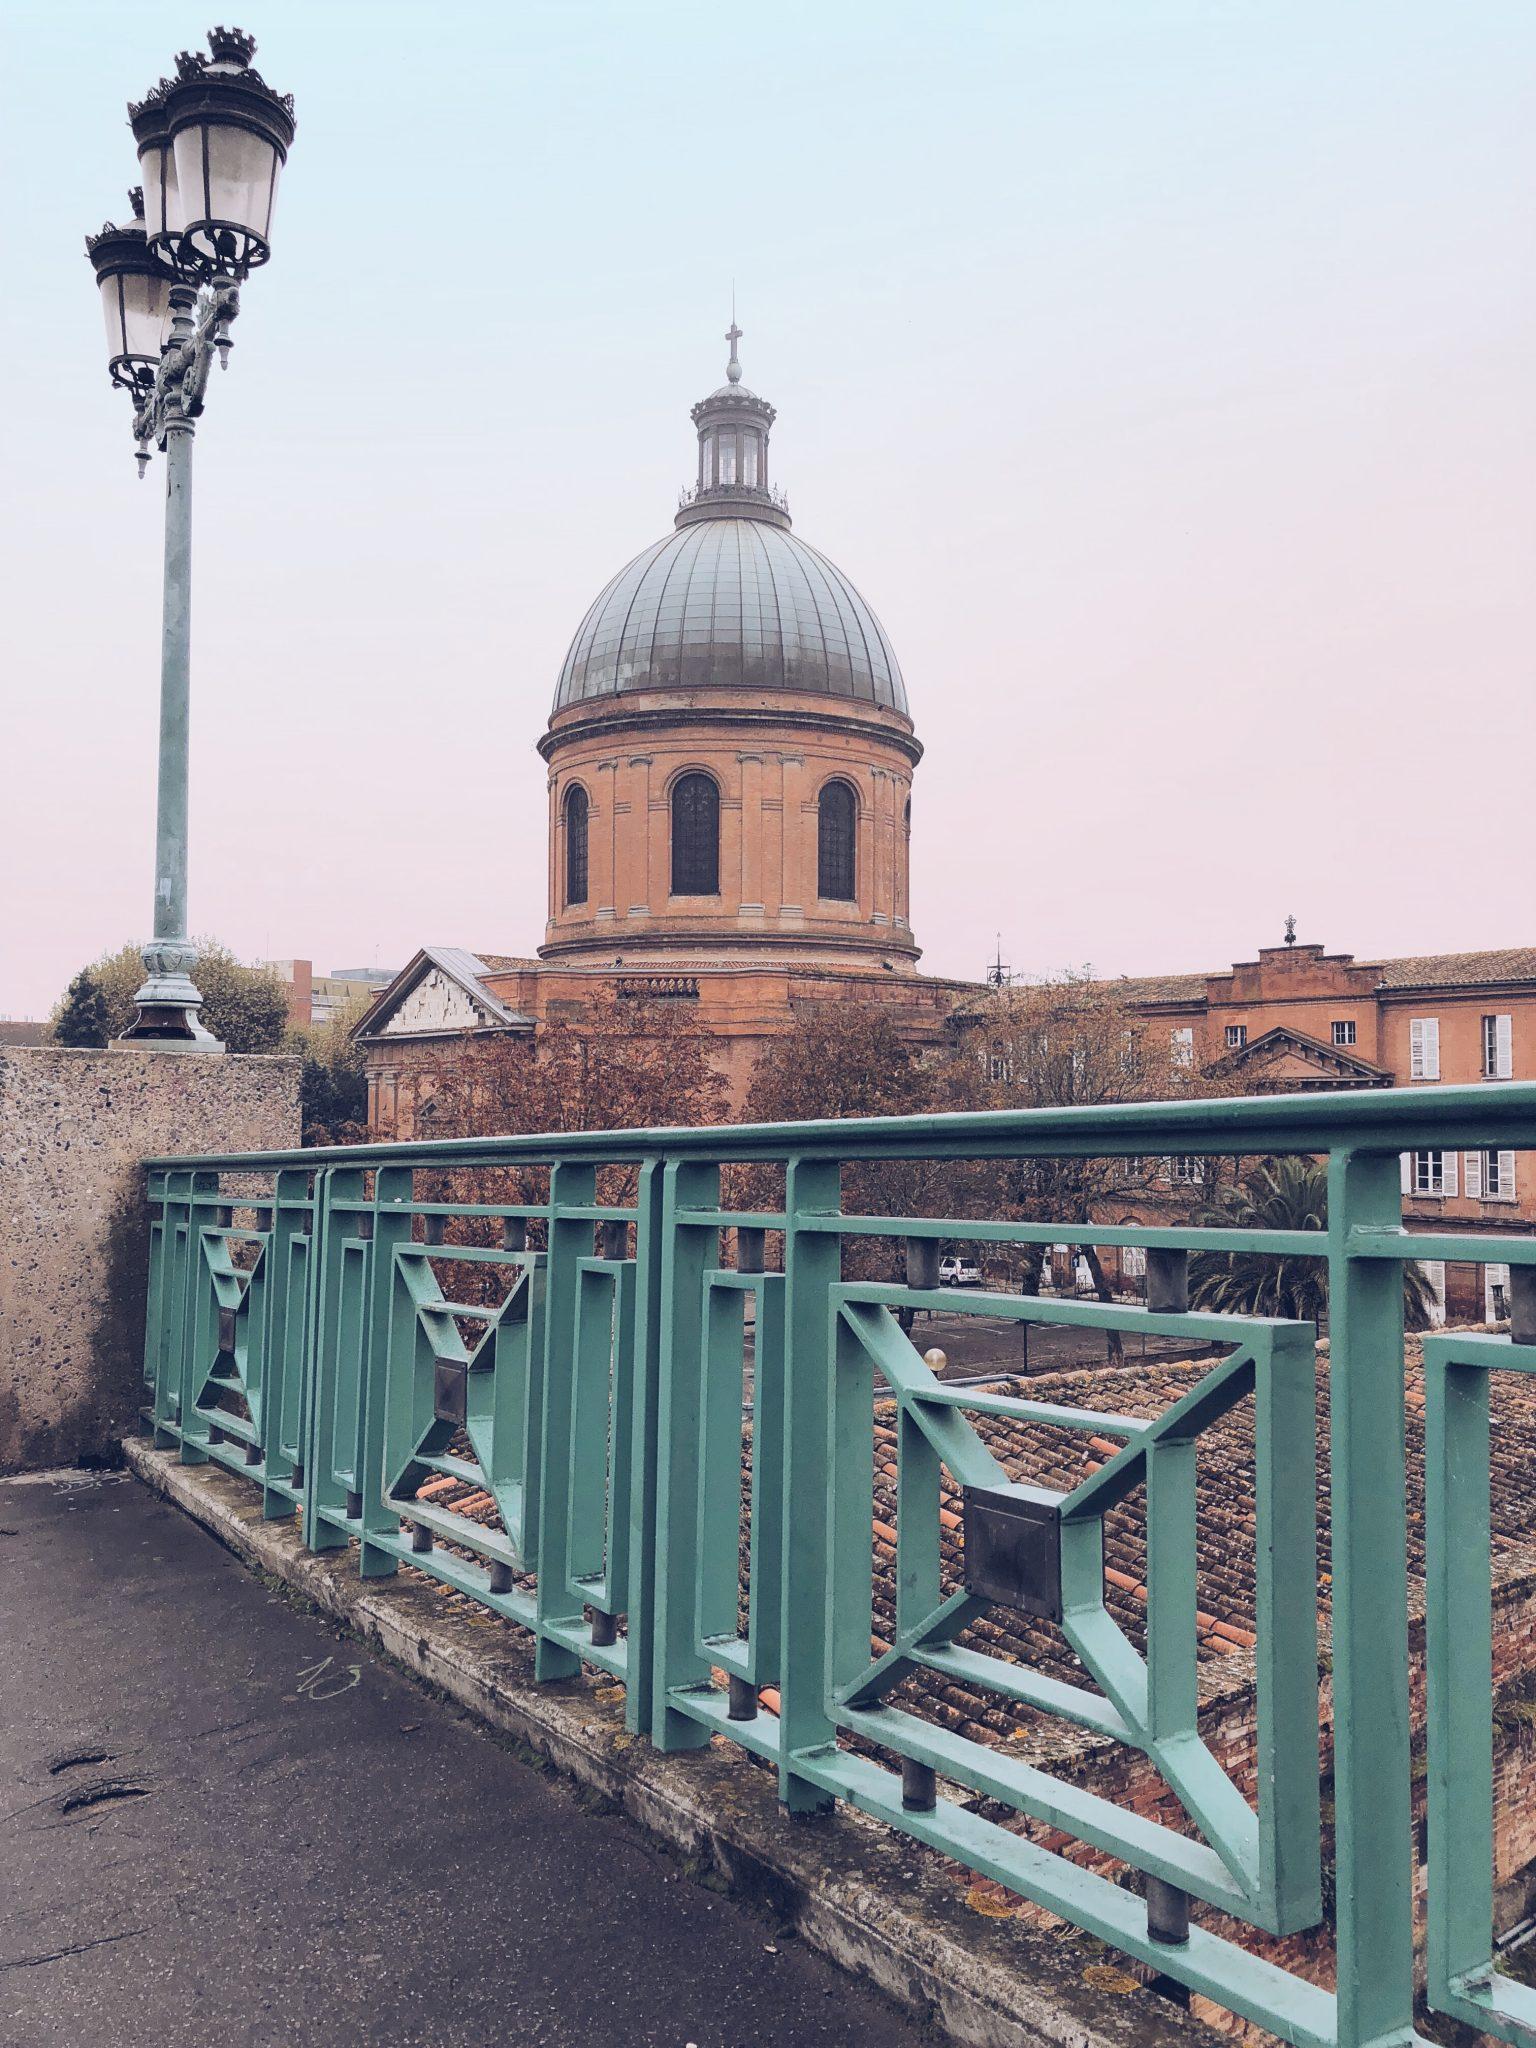 La cupola de la Grave a Tolosa - Tolosa: 3 modi di vedere la città - tatianaberlaffa.com